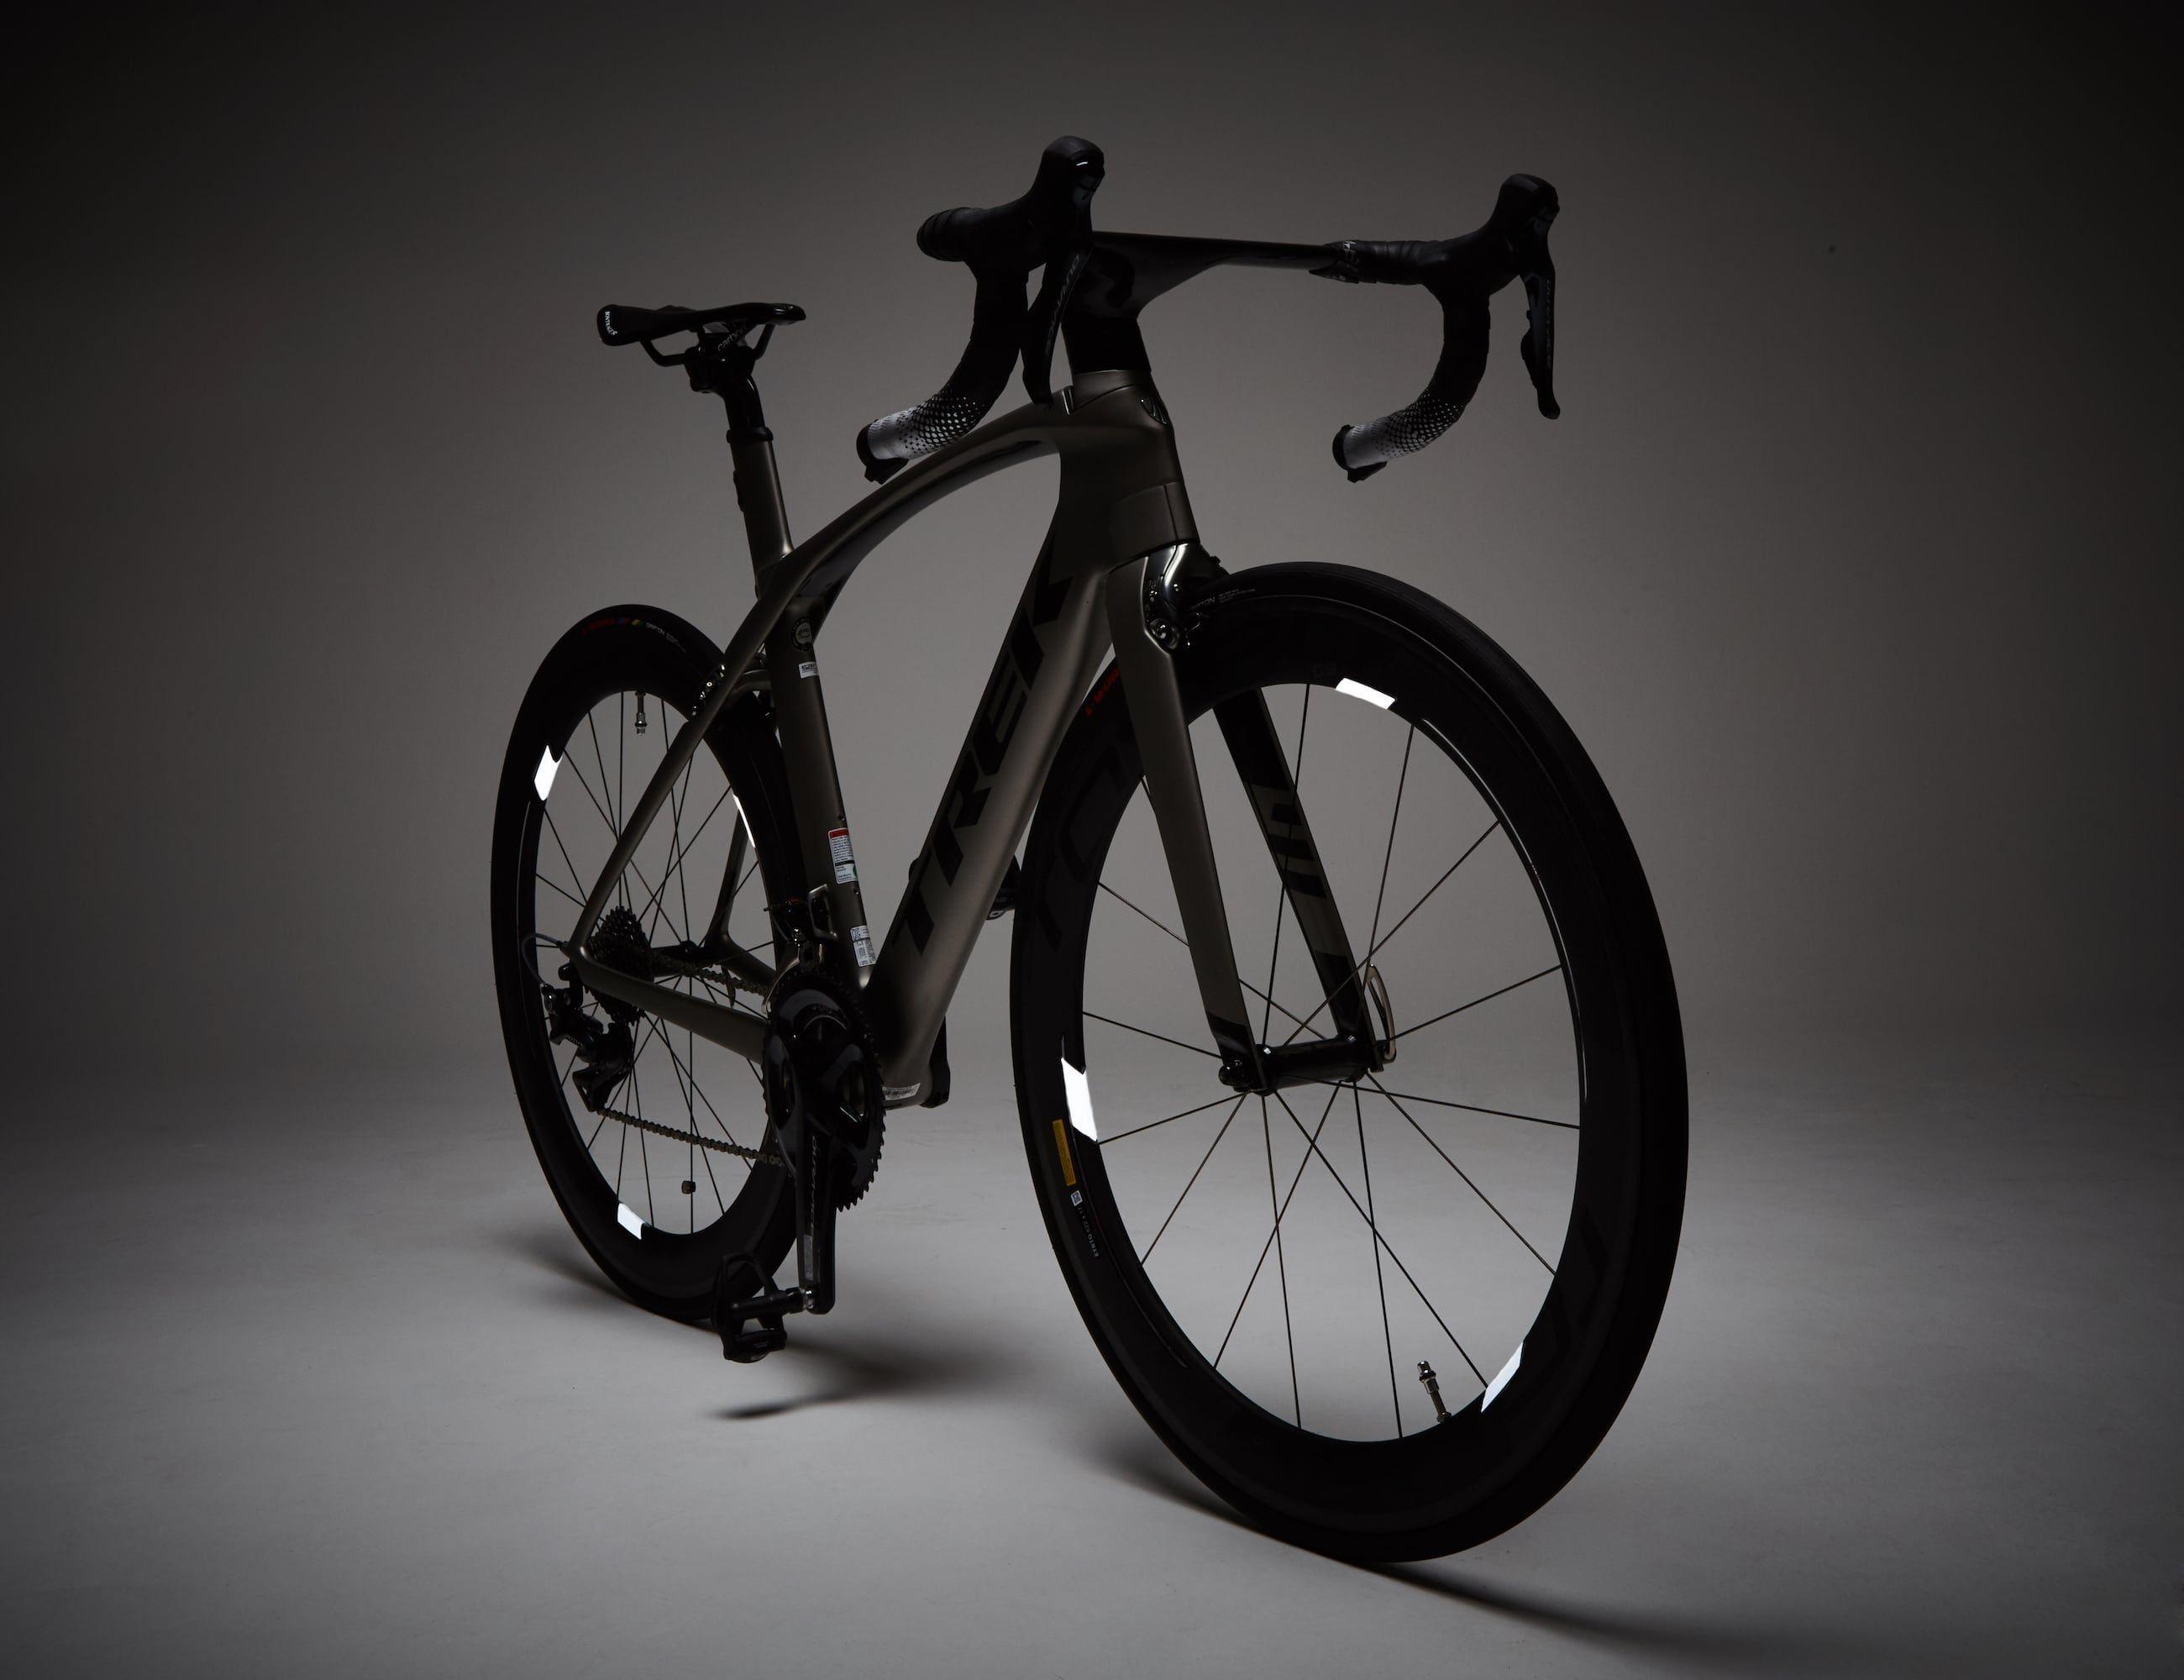 Wheel Flash Minimalist High Visibility Bike Reflectors Bike